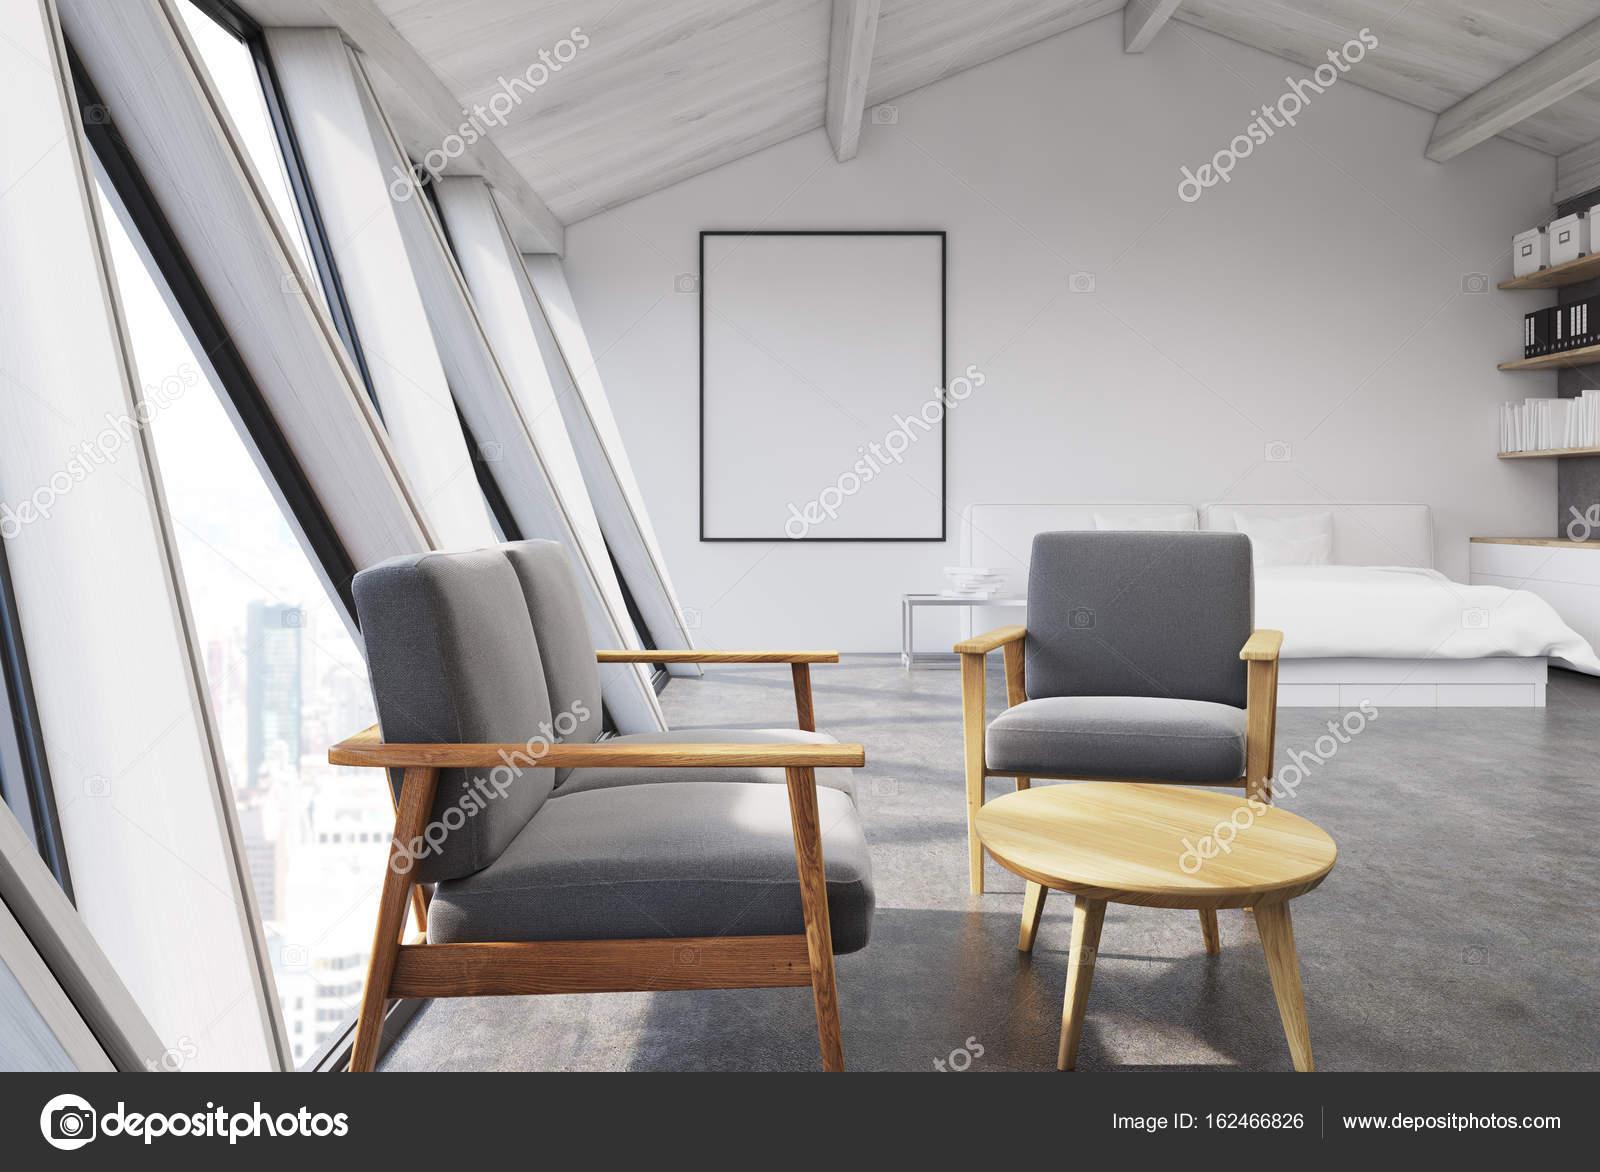 Grijs Wit Slaapkamer : Wit slaapkamer in een zolder poster grijs u2014 stockfoto